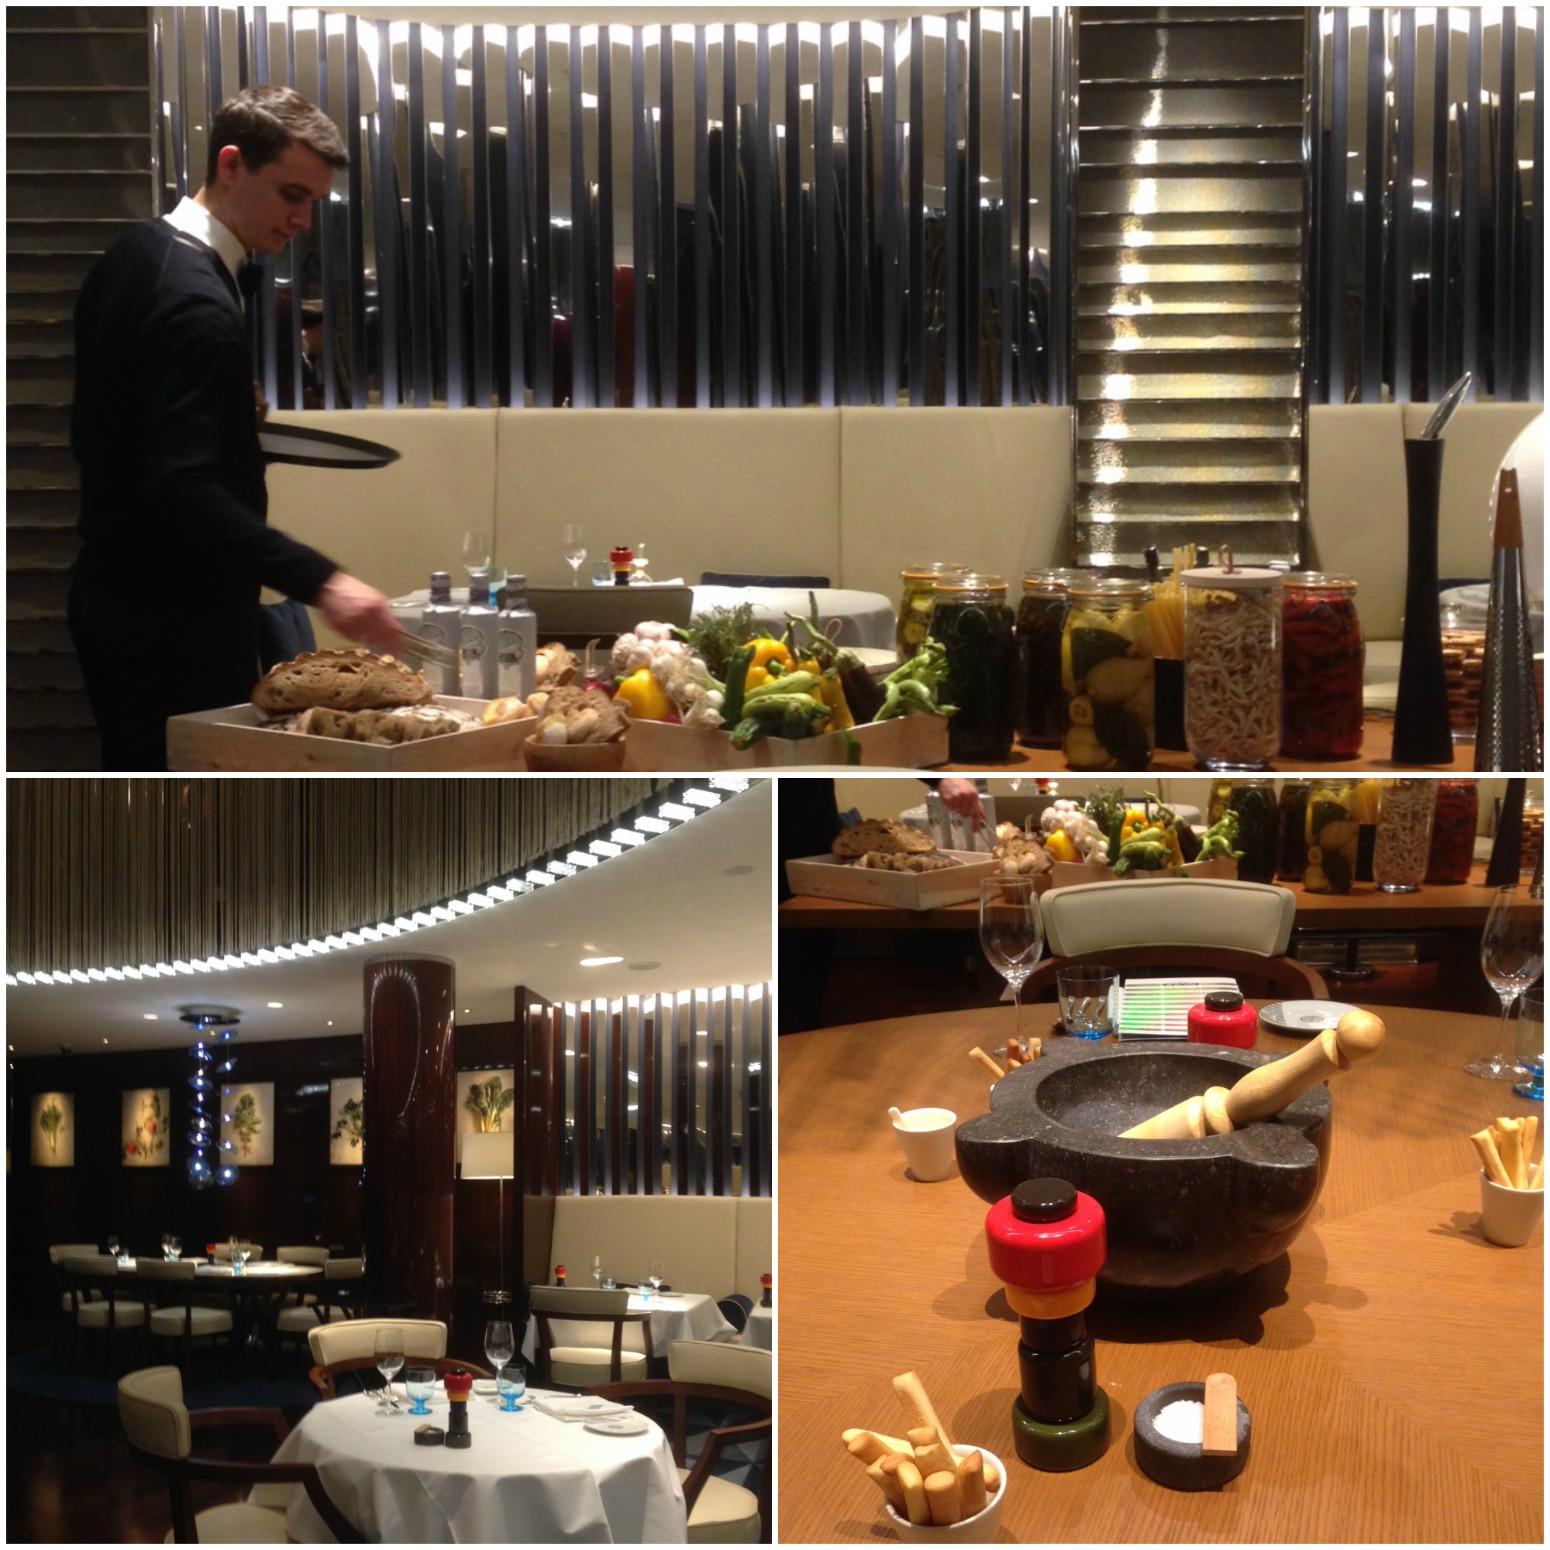 アランデュカスの愛弟子がBulgariホテルでレストランオープン!_a0266142_21101400.jpg